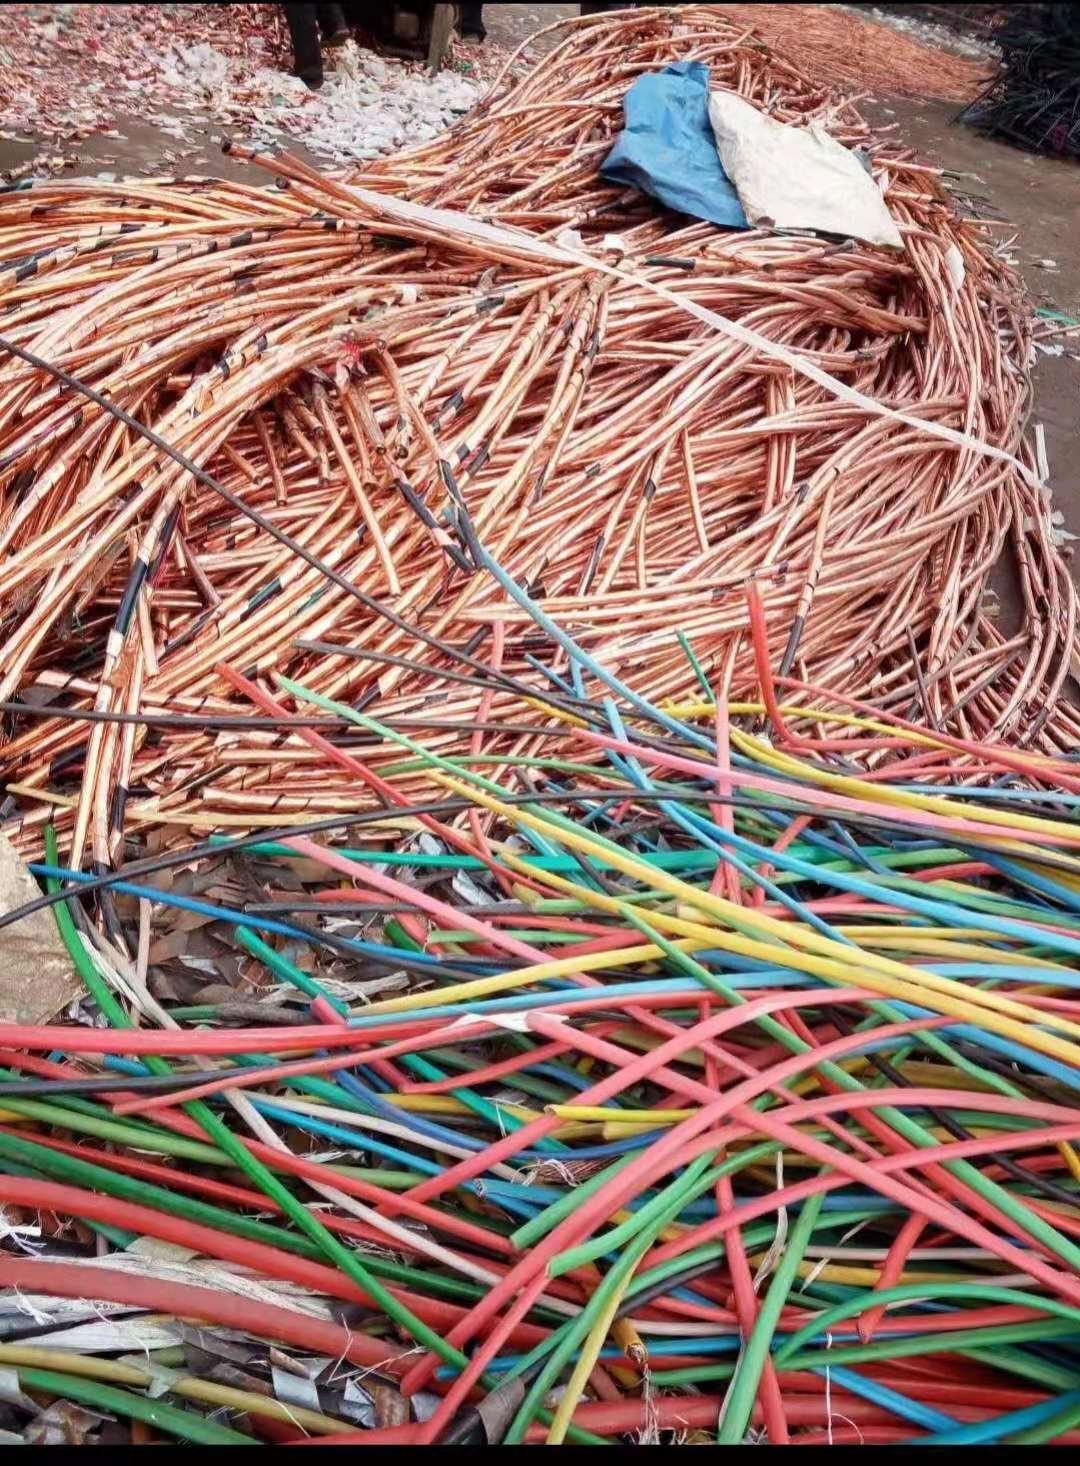 废电缆回收后的处理利用